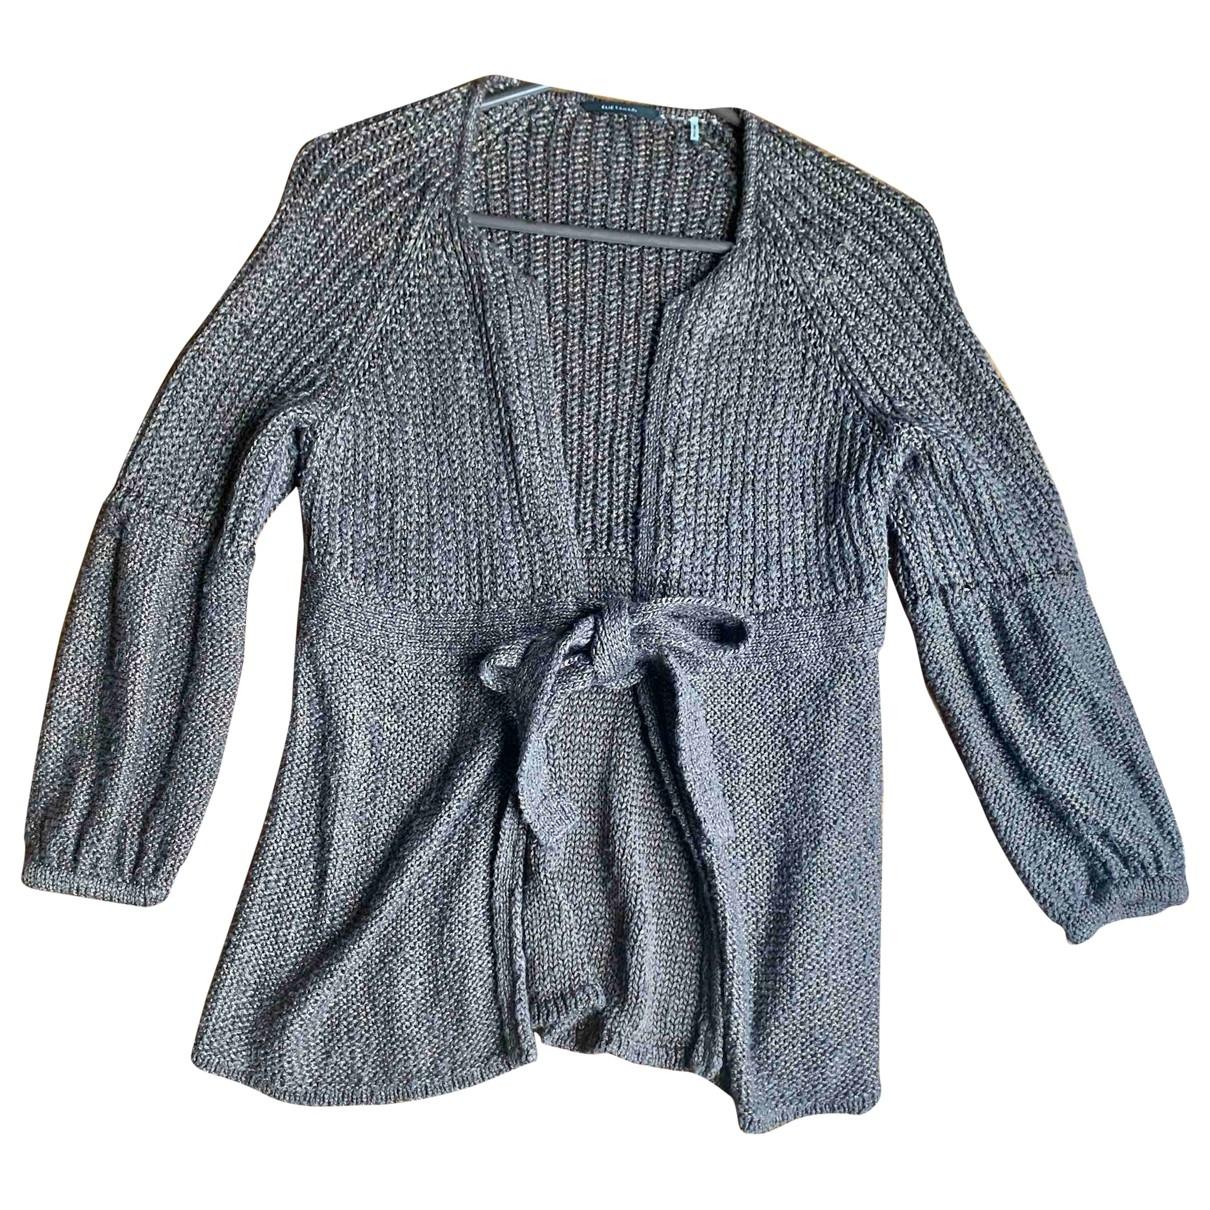 Elie Tahari \N Brown Wool jacket for Women 38 FR